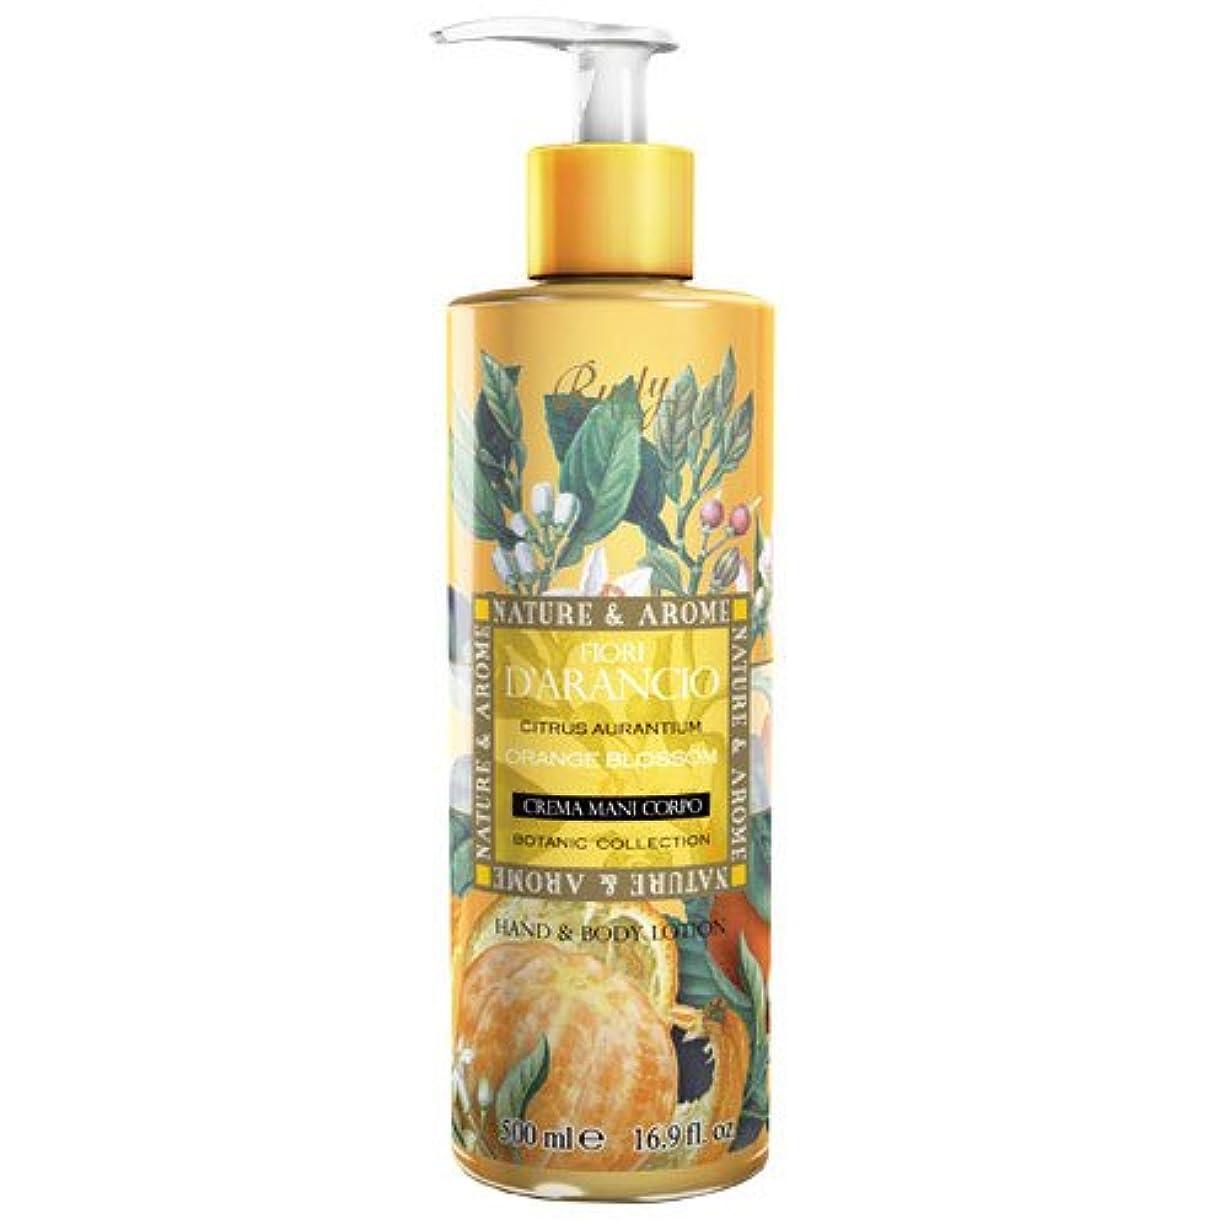 口述相談する醸造所RUDY Nature&Arome SERIES ルディ ナチュール&アロマ Hand&Body lotion ハンド&ボディローション オレンジブロッサム